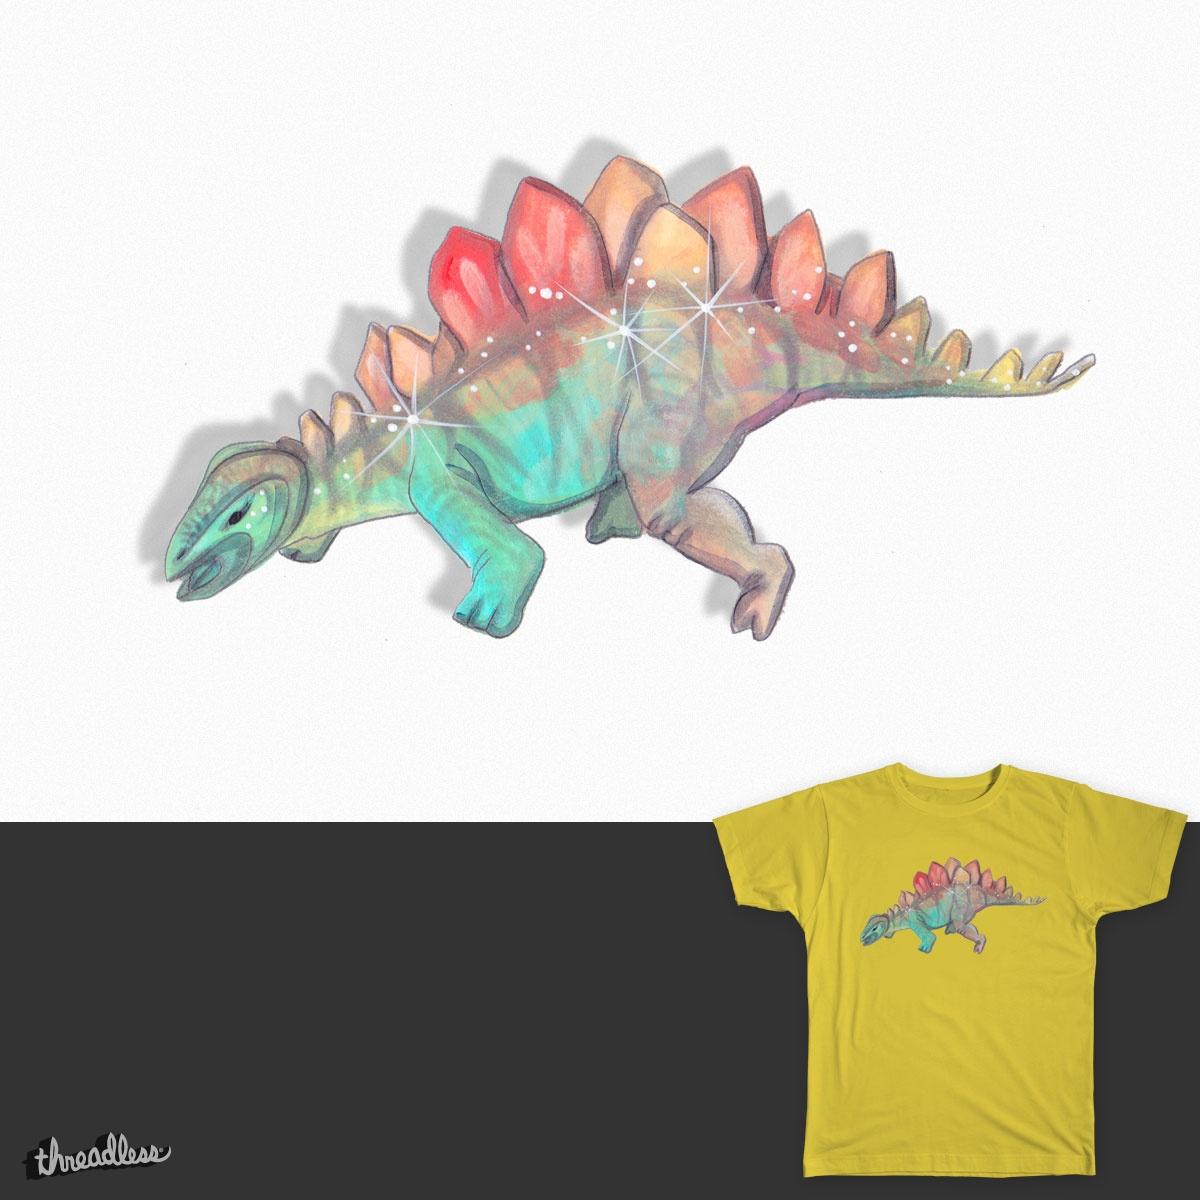 Sparklesaurus by spacecadette23 on Threadless